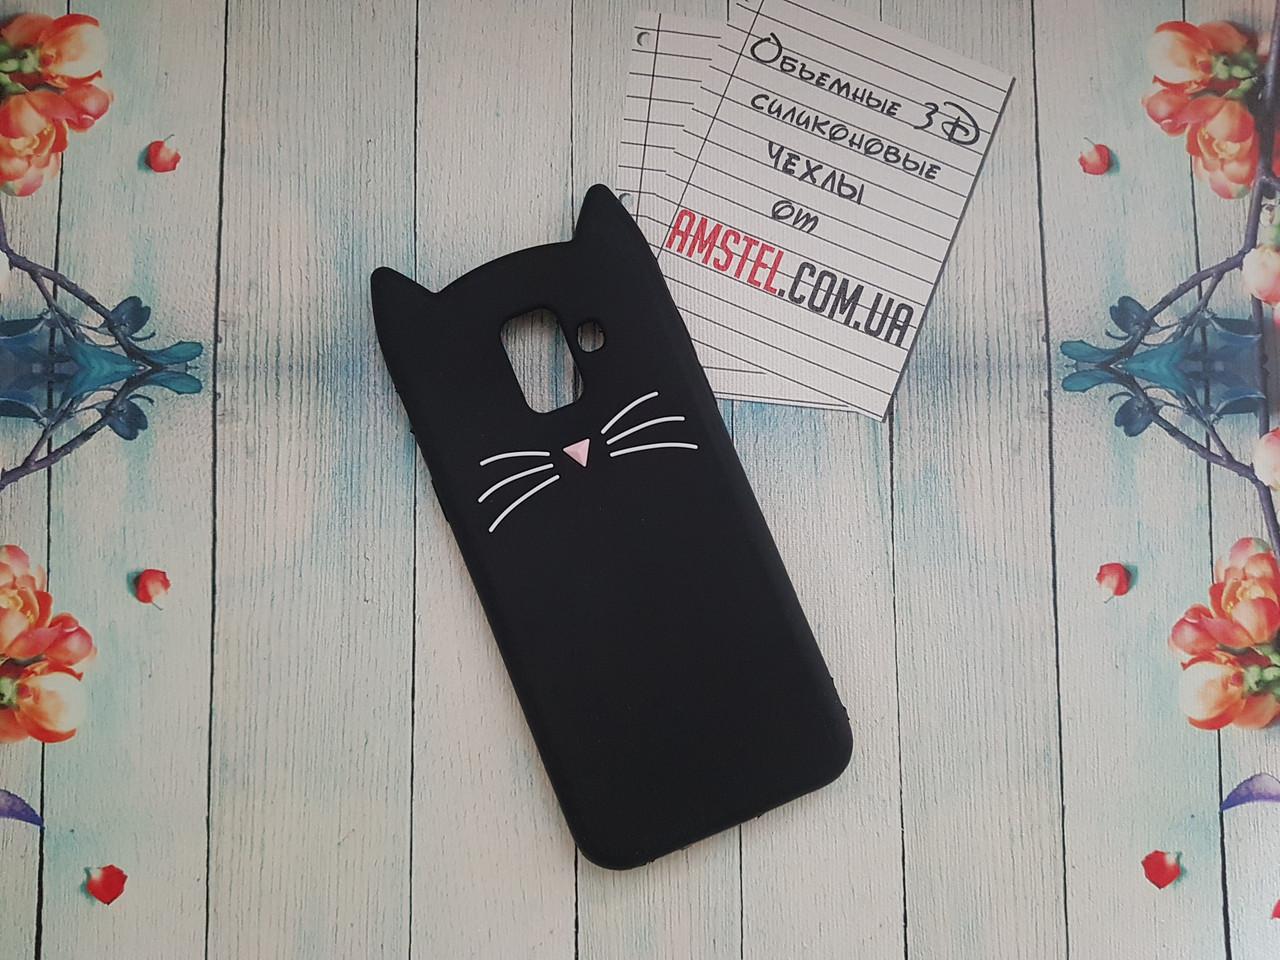 Об'ємний 3D силіконовий чохол для Samsung A6 2018 Galaxy A600f Чорний вусатий кіт